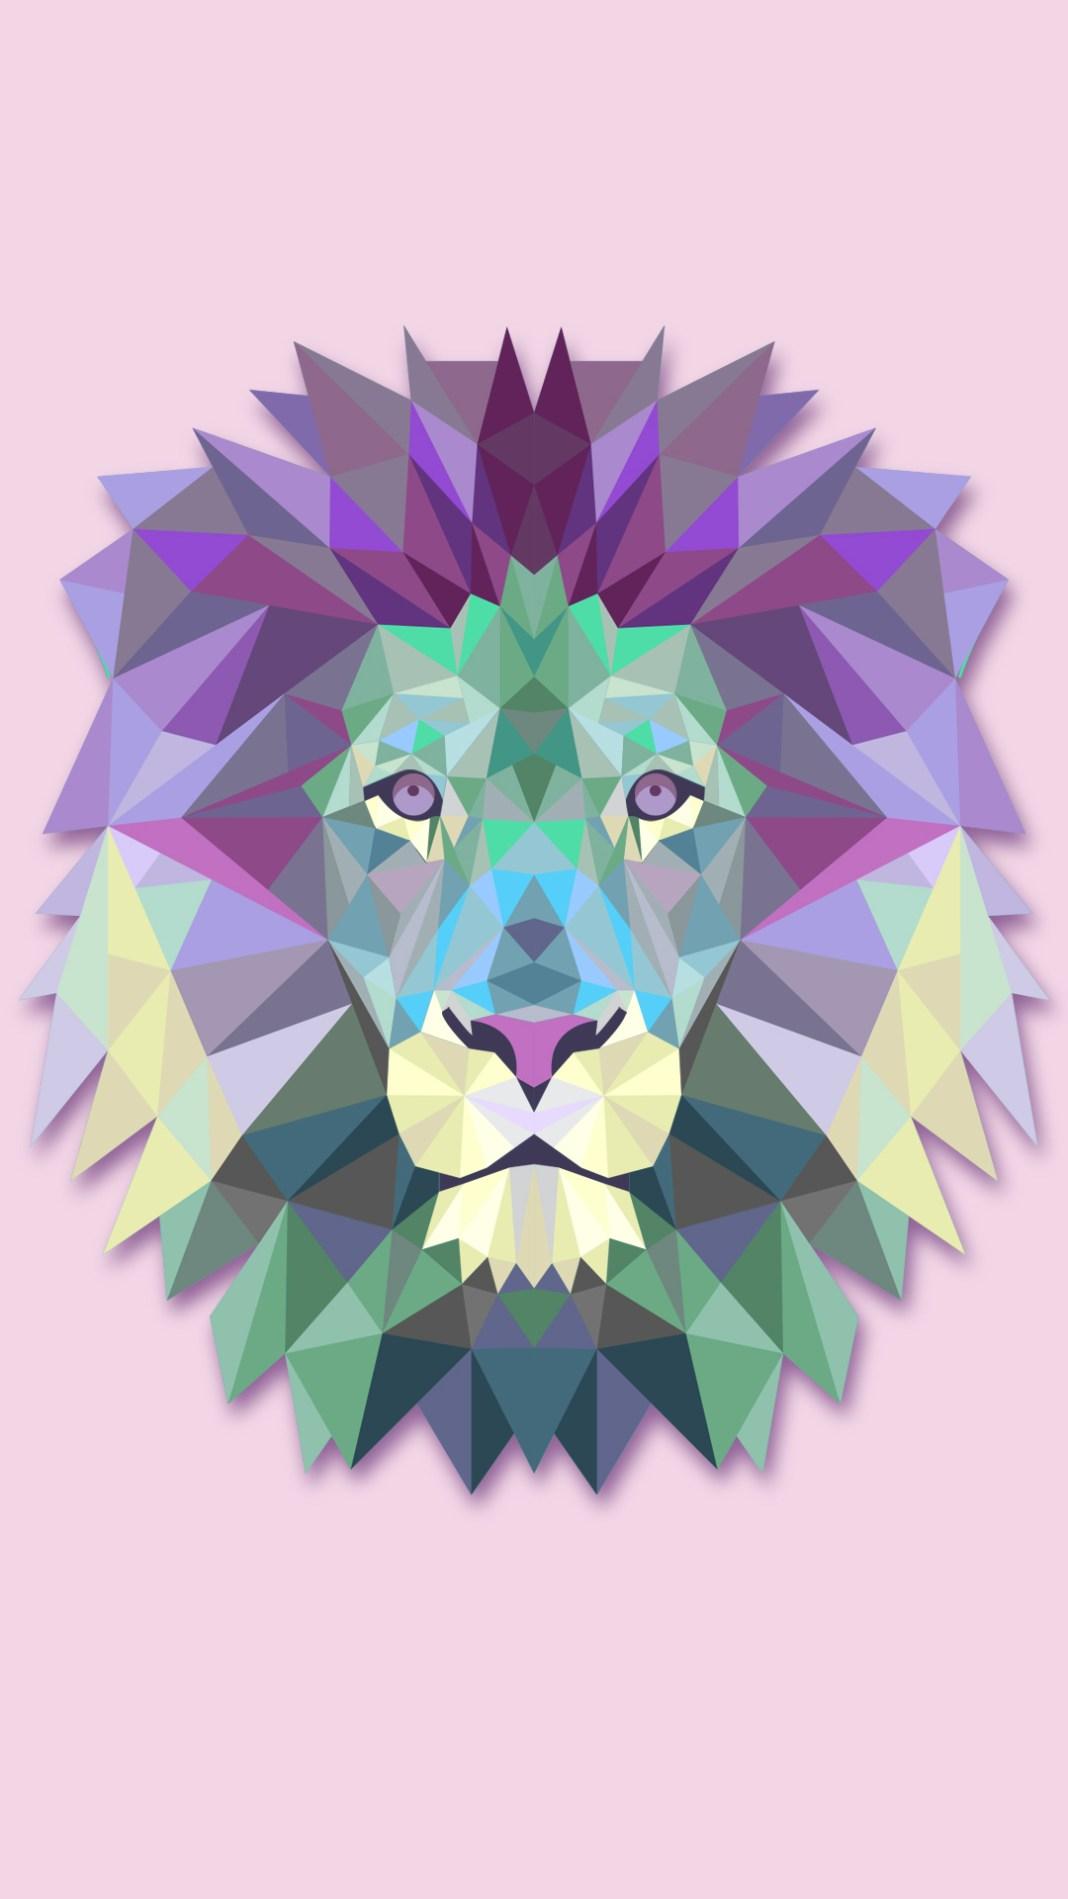 polygon-lion-1136